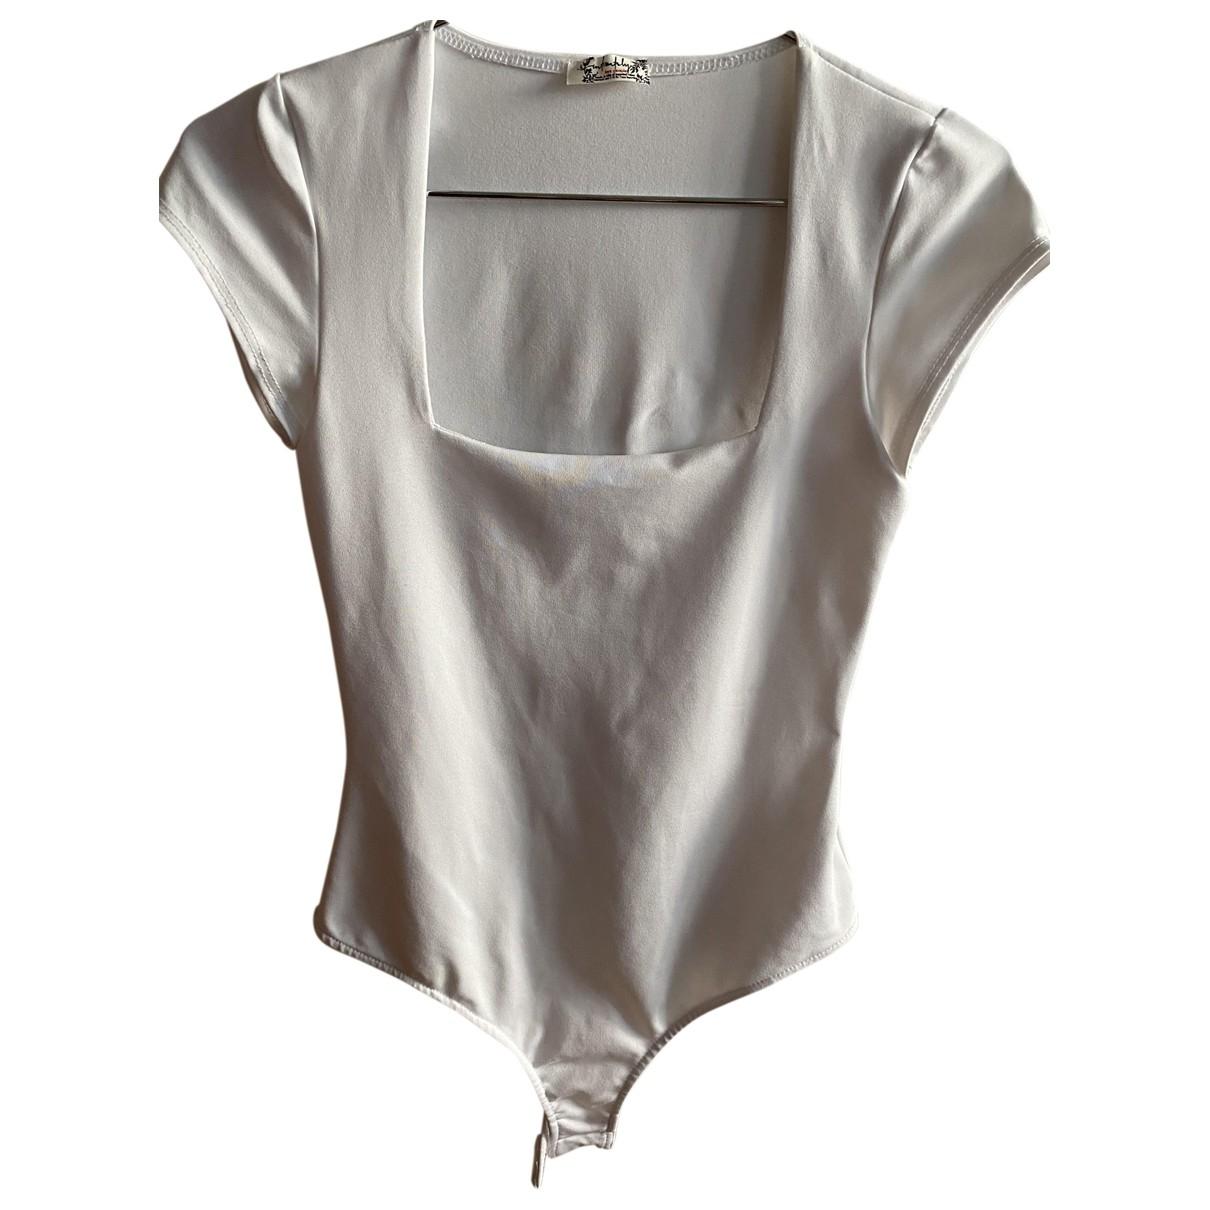 Free People \N White Knitwear for Women XS International